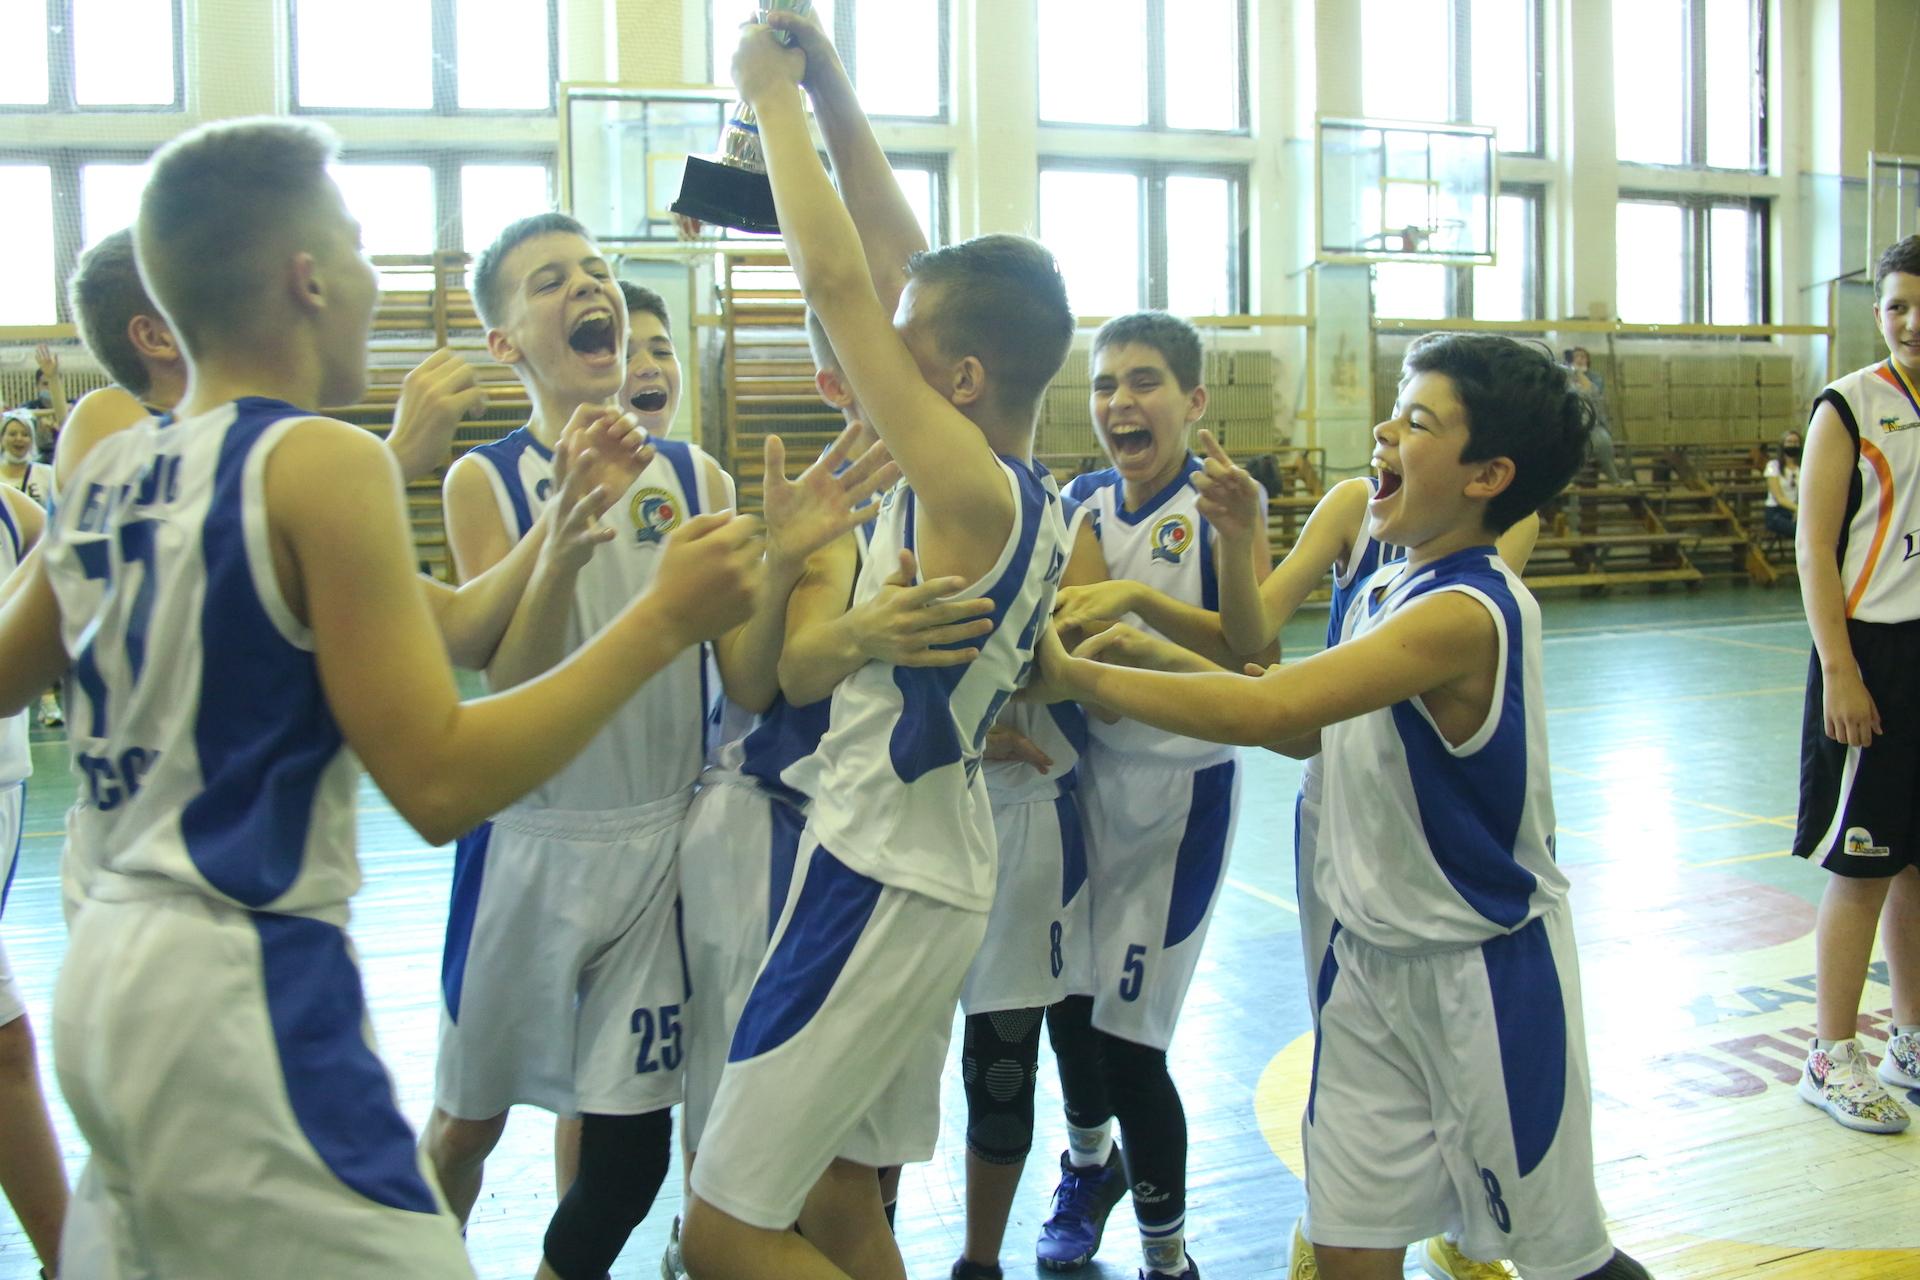 Як ОБШ ім.Бєлостєнного стала чемпіоном України серед юнаків 2008-го р.н.: фотогалерея